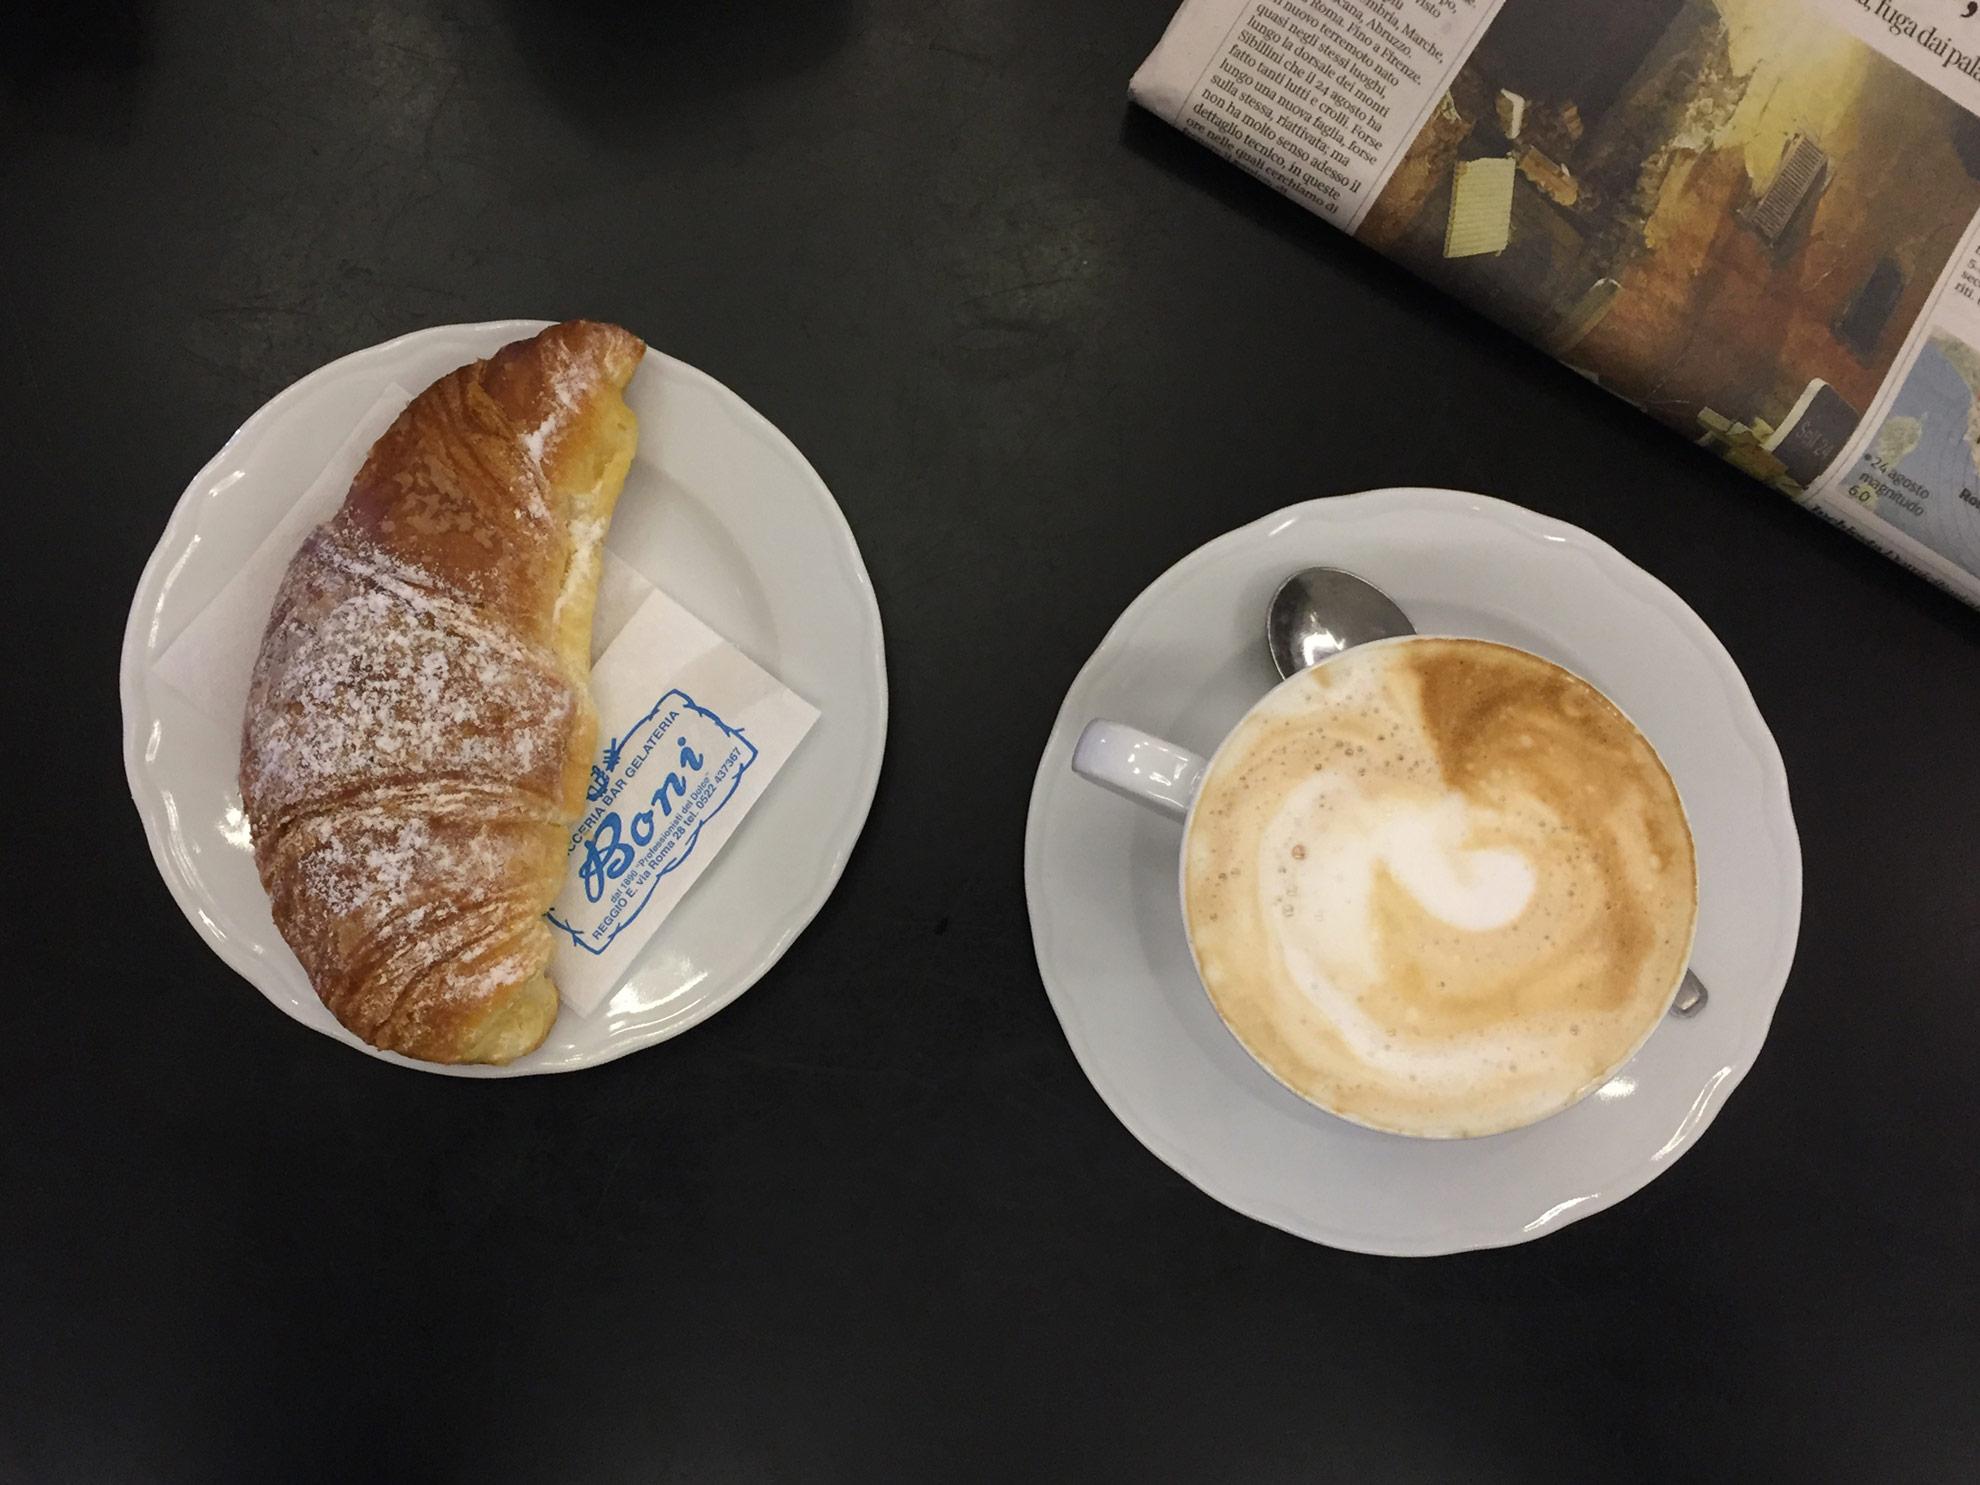 colazione-pasticceria-boni-cappuccino-croissant.jpg